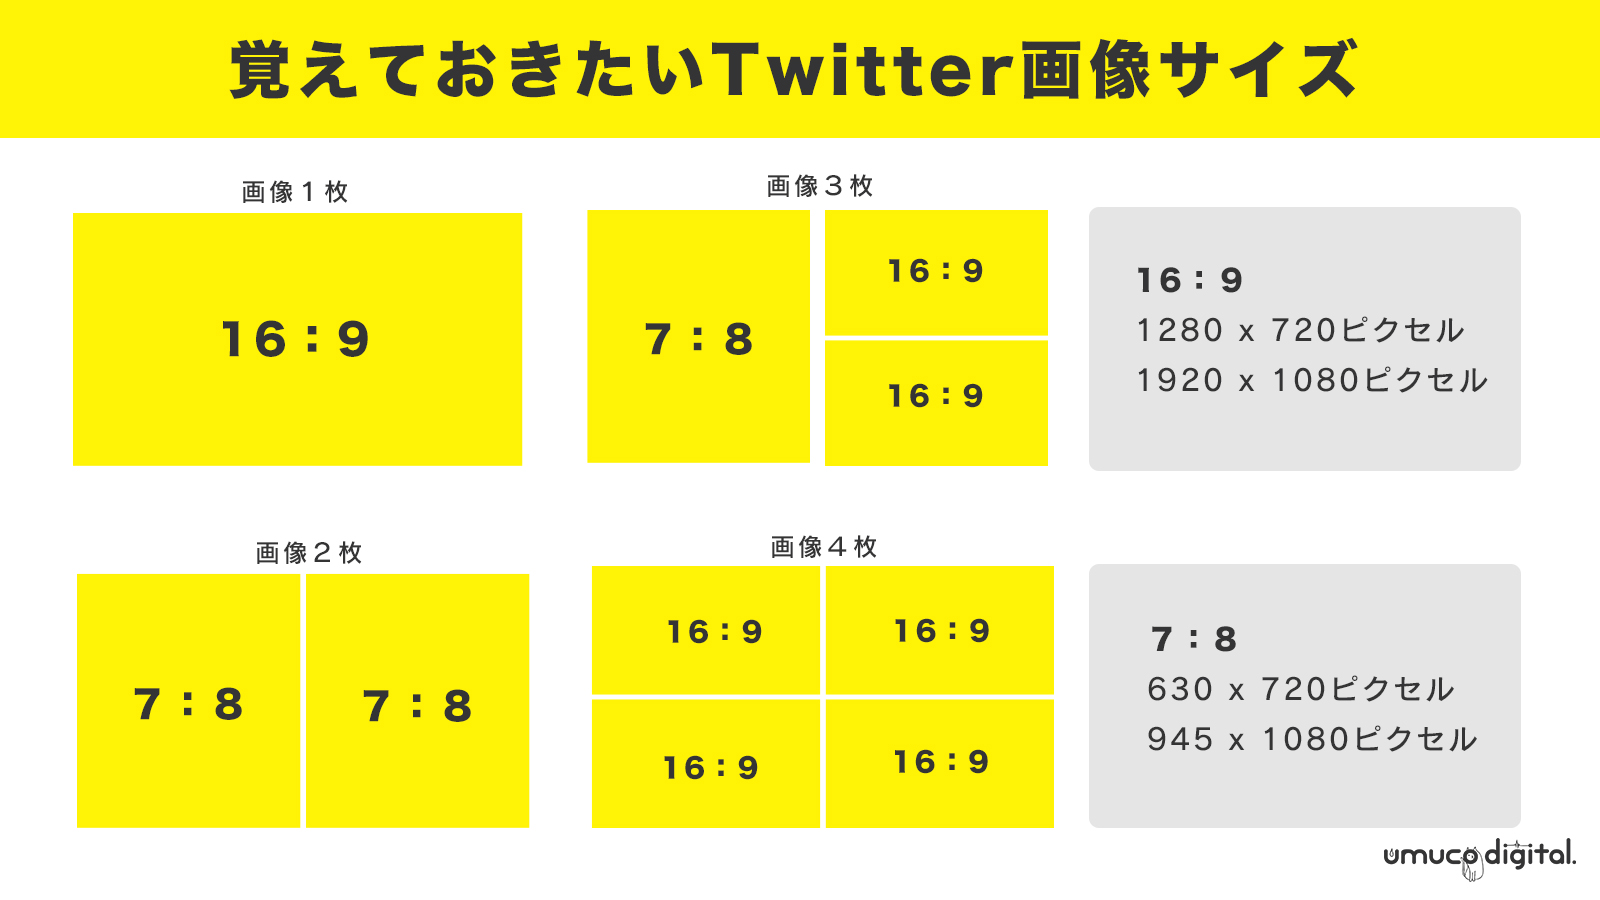 図解/Twitter画像サイズ